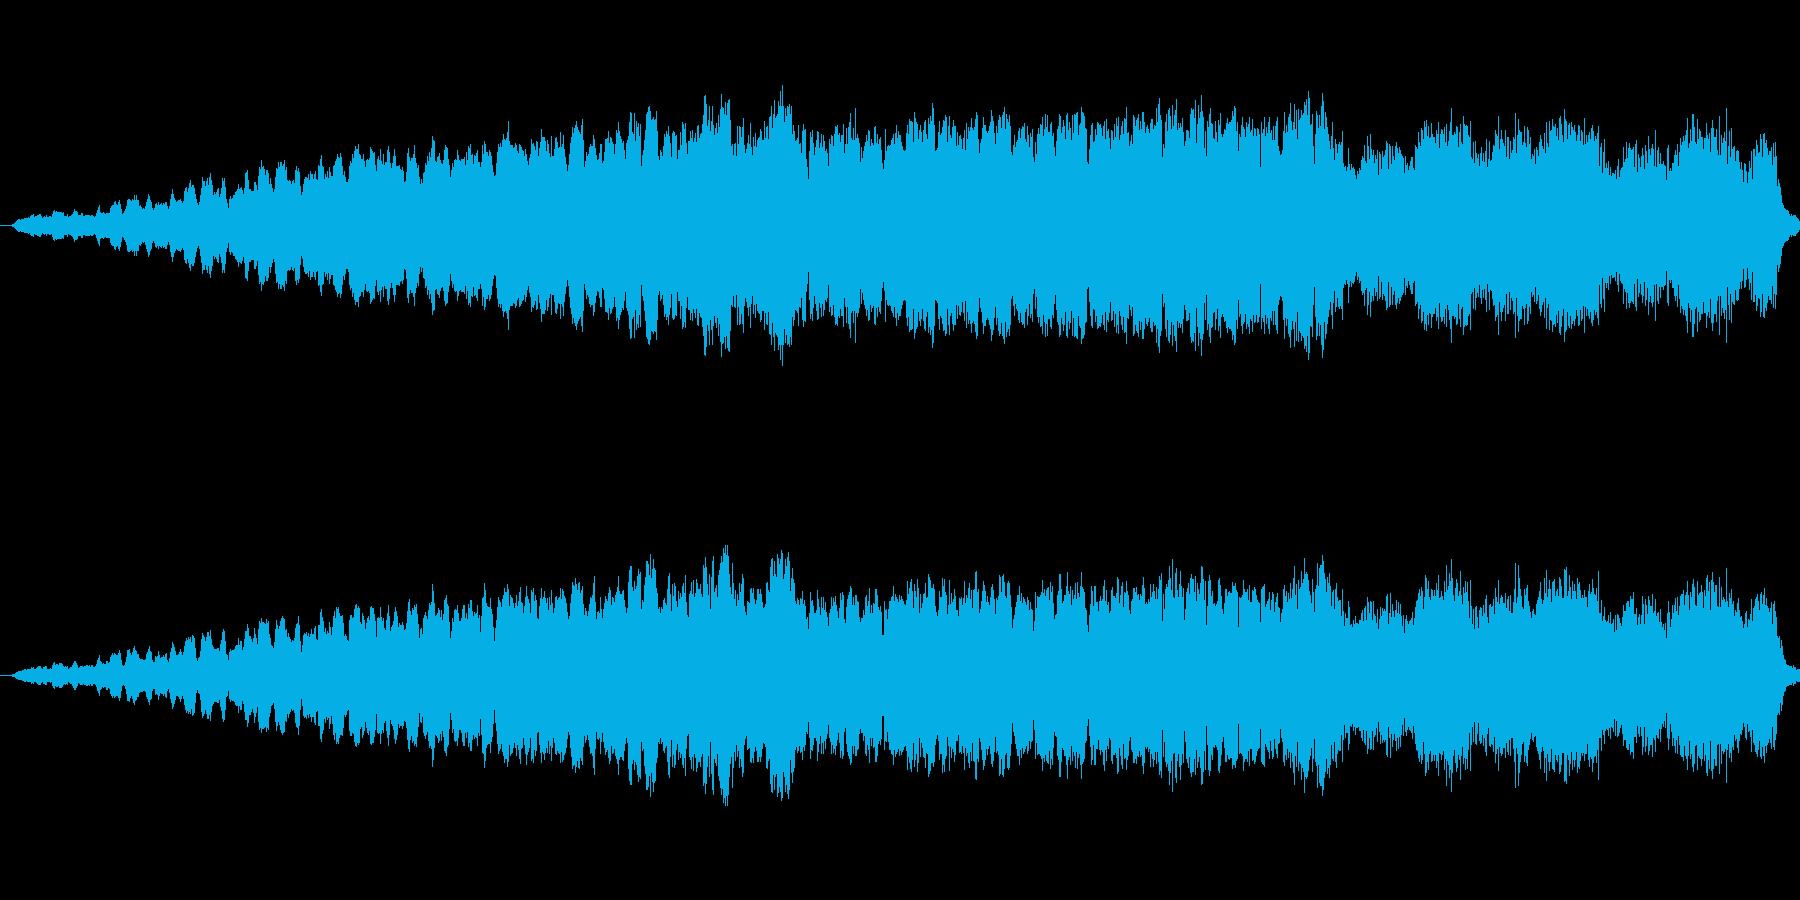 ゆっくりと上がっていく音量による不安感の再生済みの波形